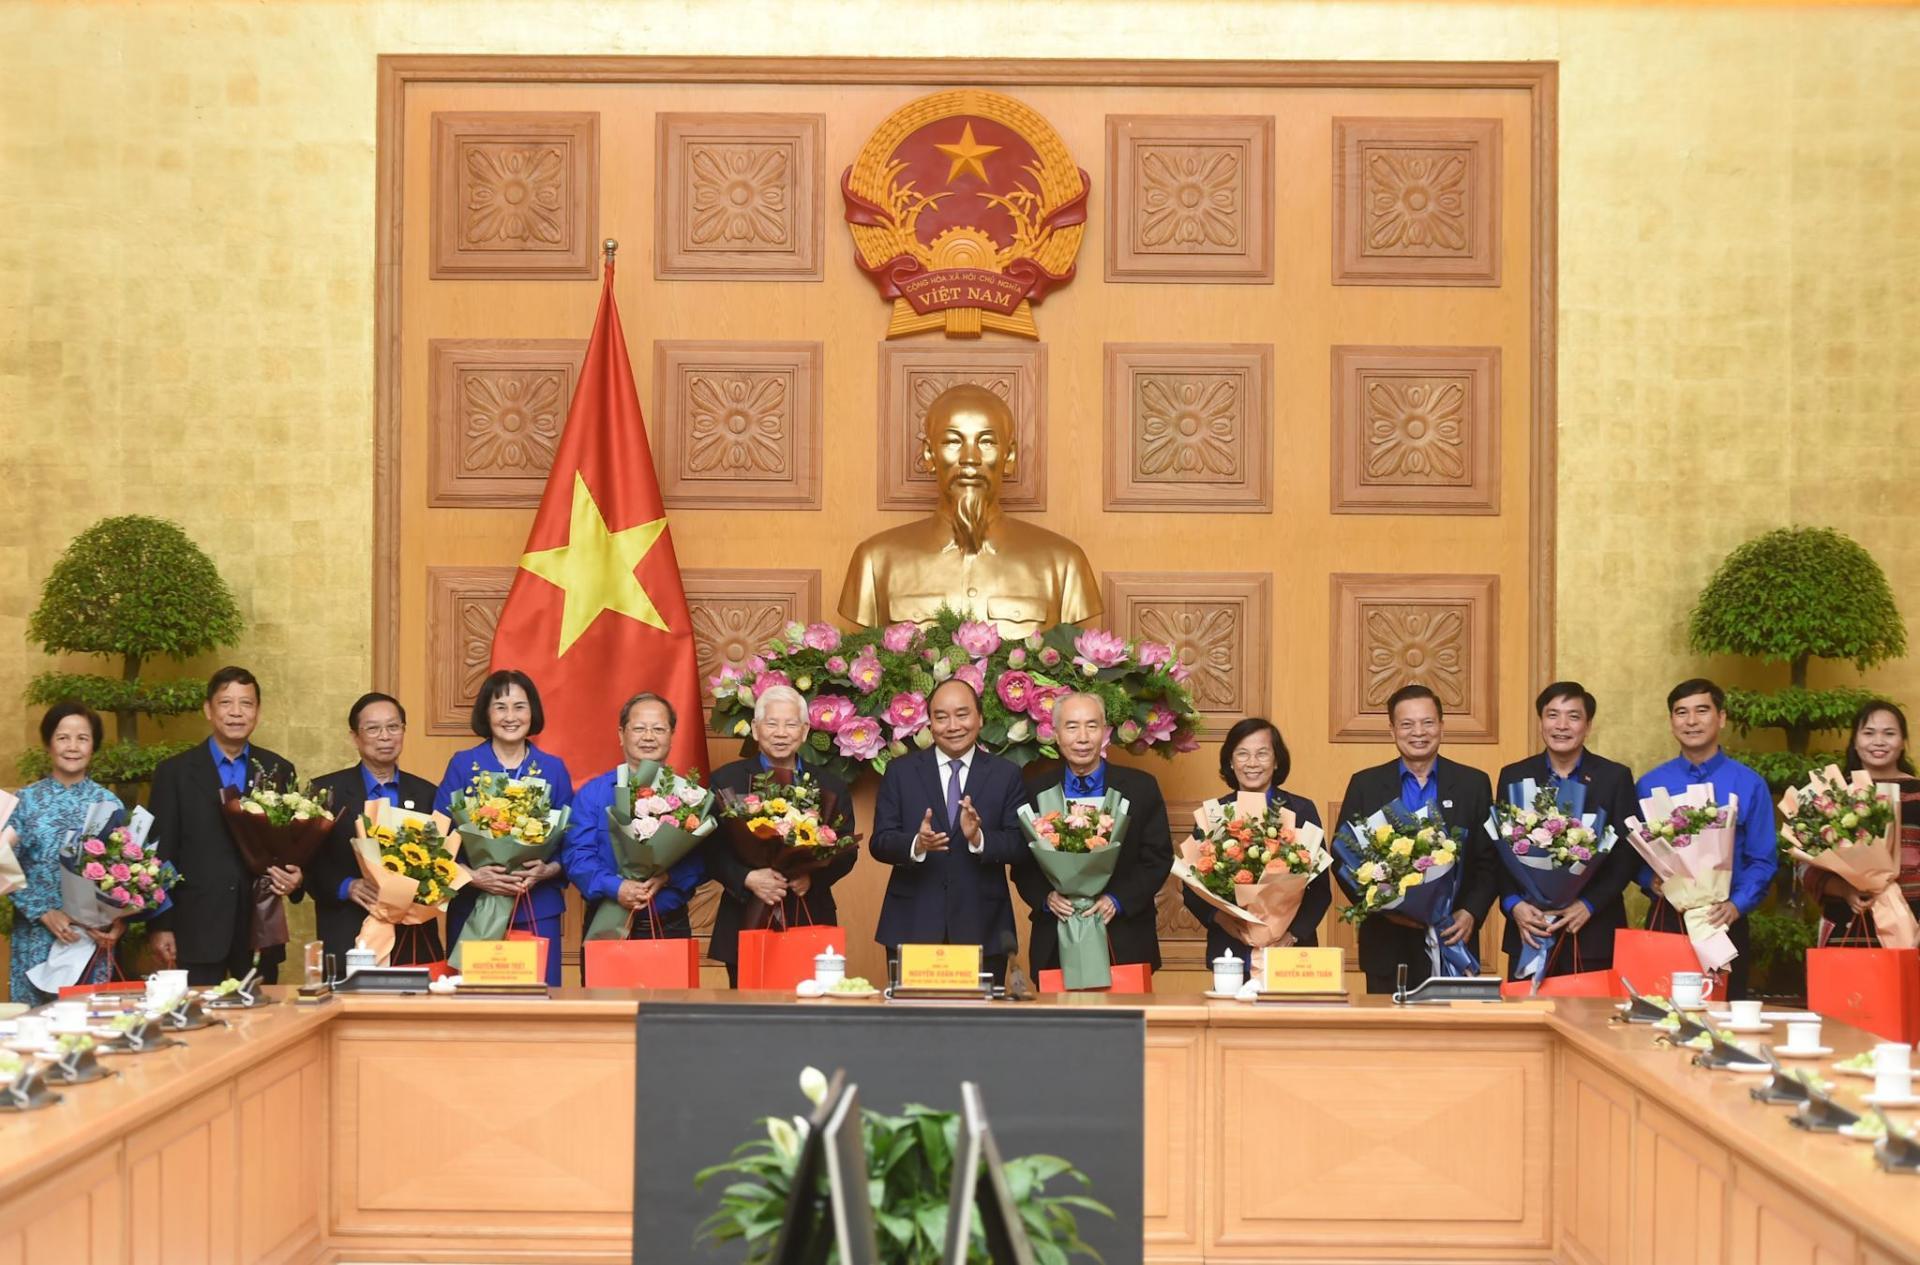 Thủ tướng Nguyễn Xuân Phúc tặng hoa